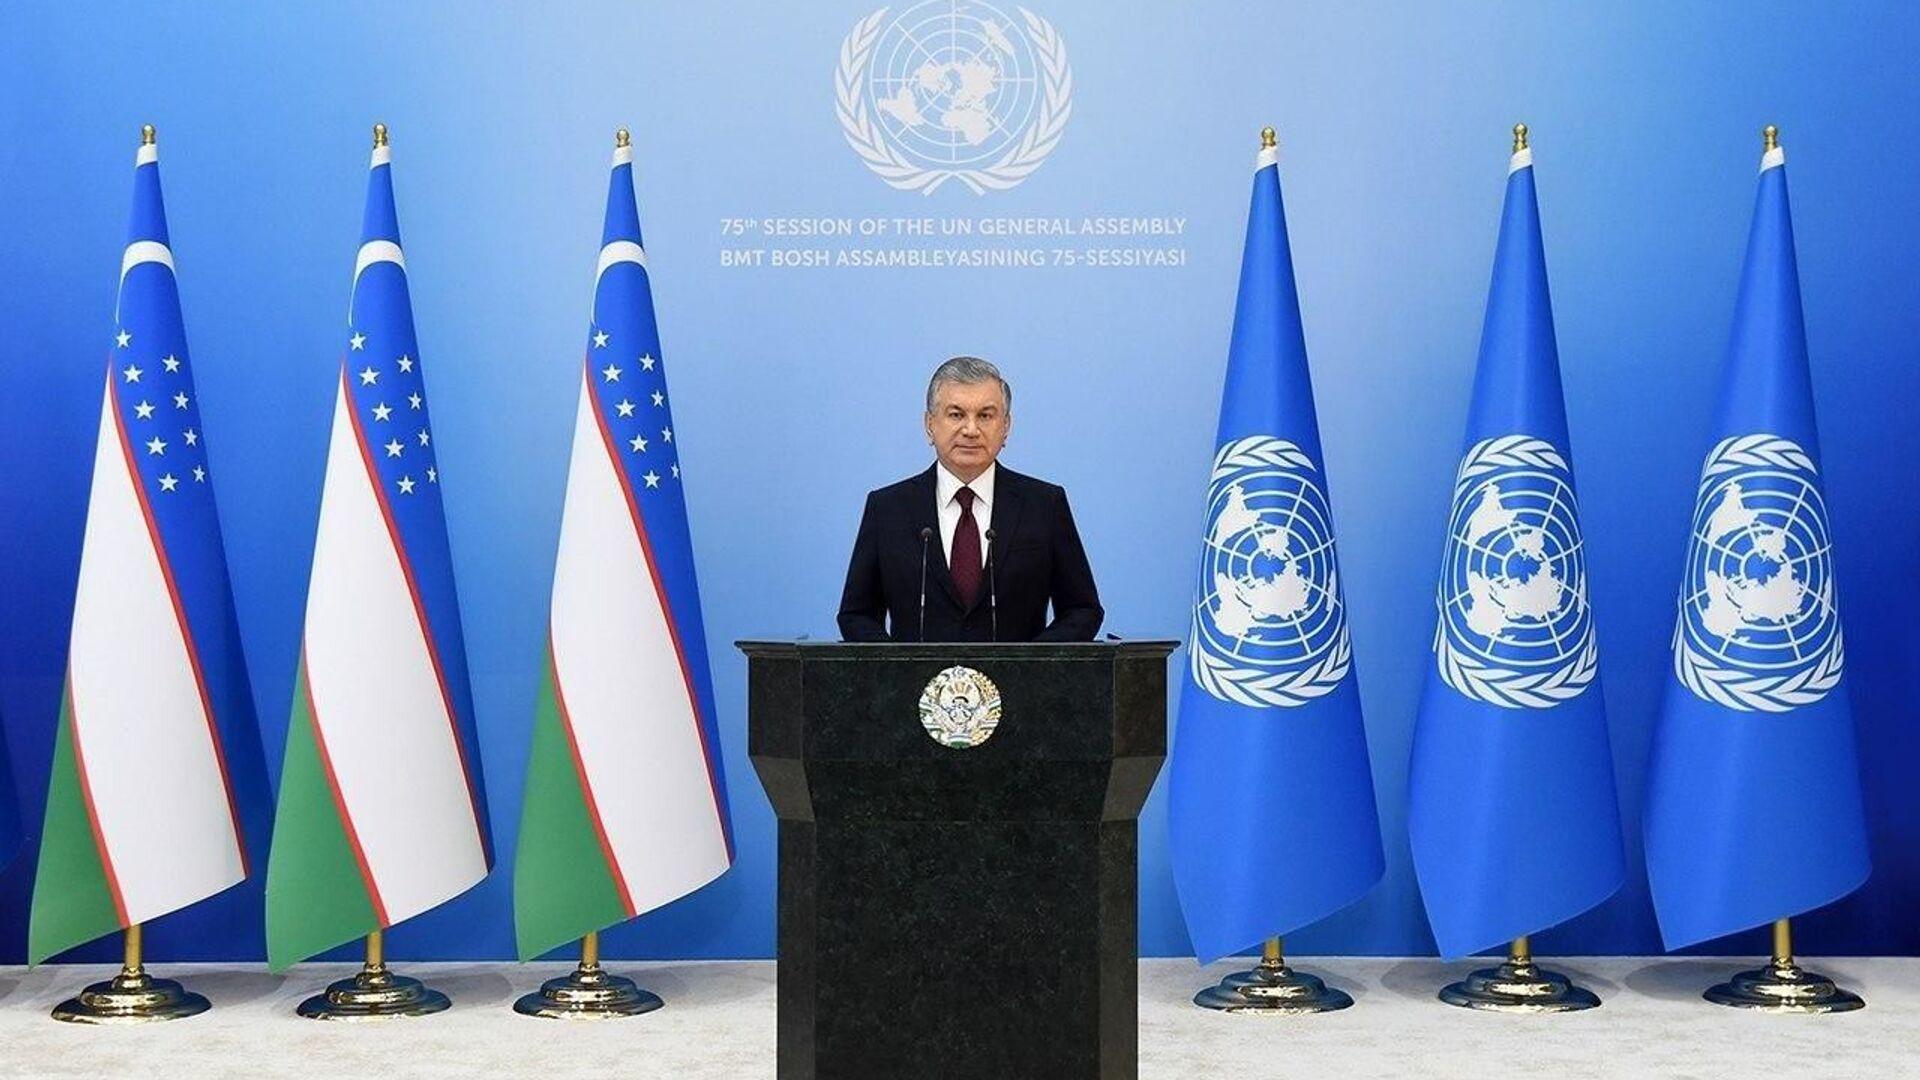 Vыstupleniye prezidenta Uzbekistana Shavkata Mirziyoyeva na 75-y sessii Genassamblei OON - Sputnik Oʻzbekiston, 1920, 20.09.2021